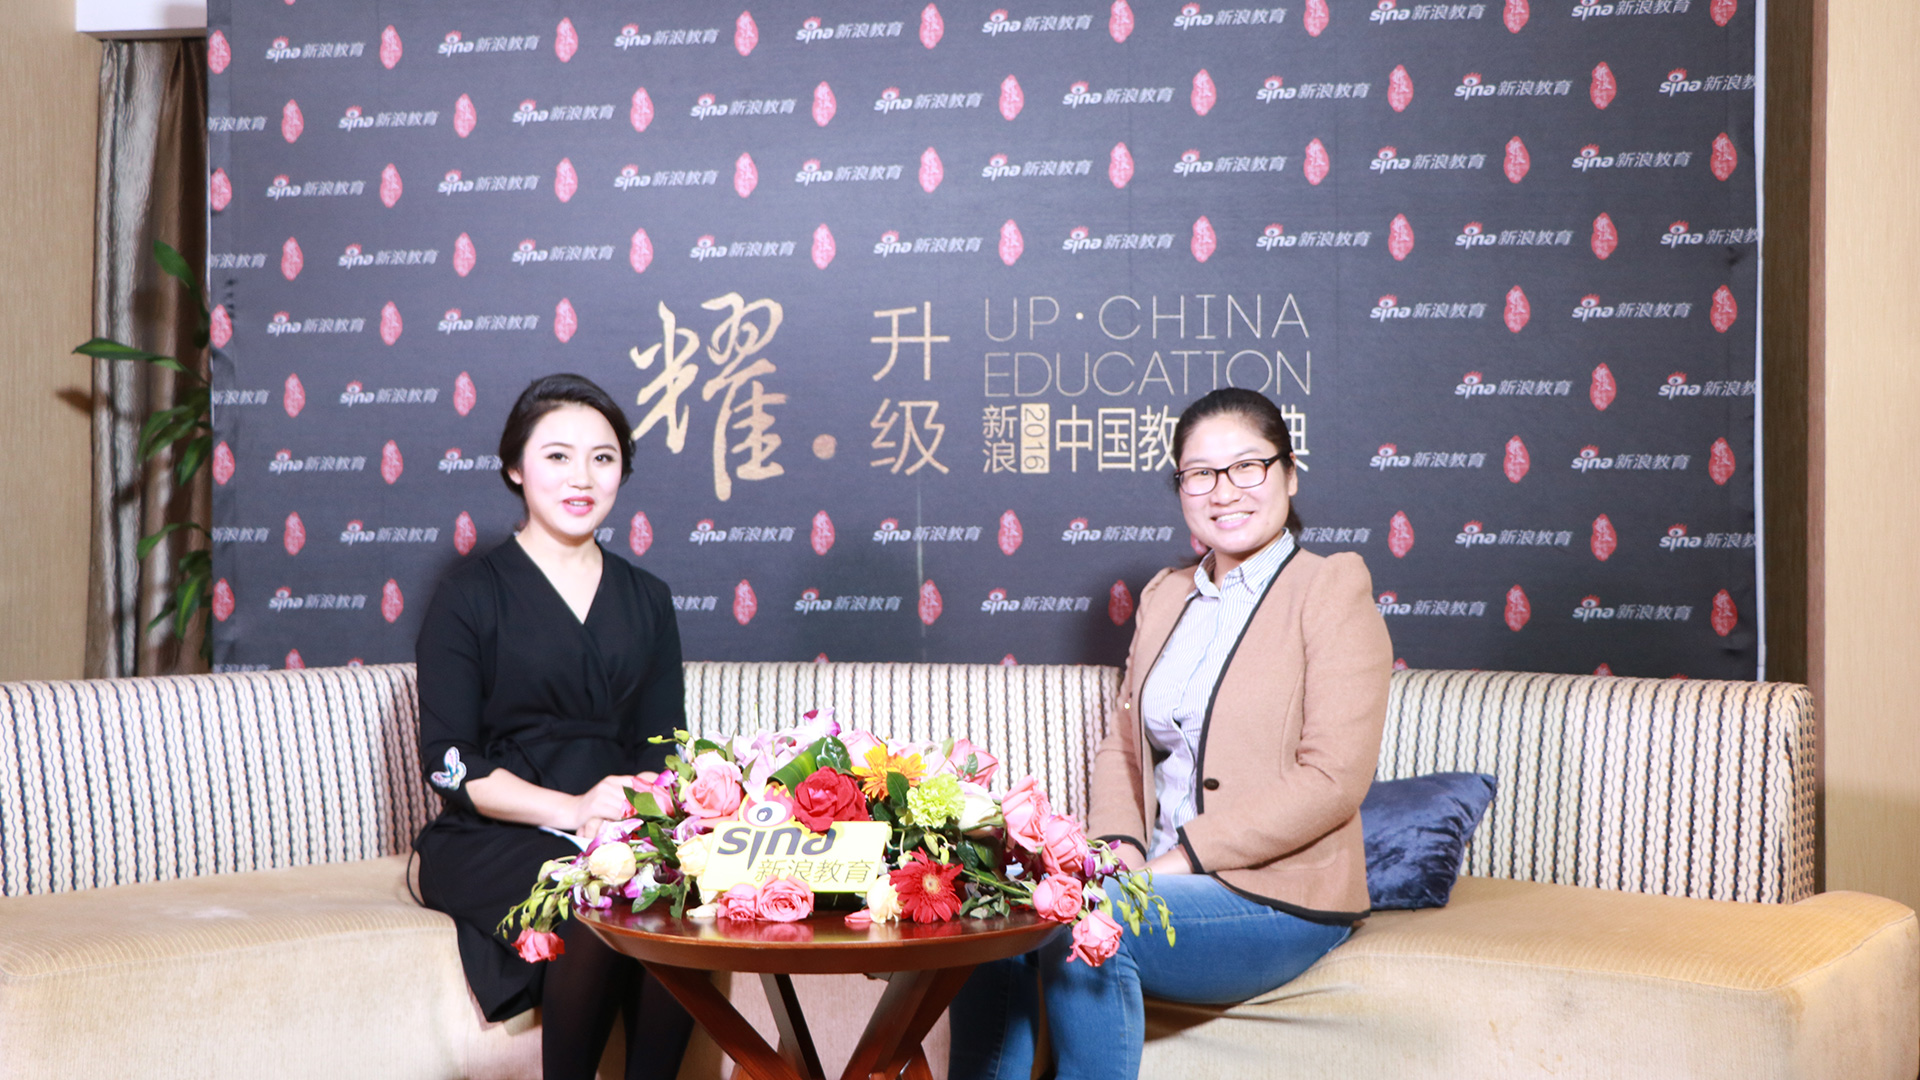 新浪2016中国教育盛典睿丁教育